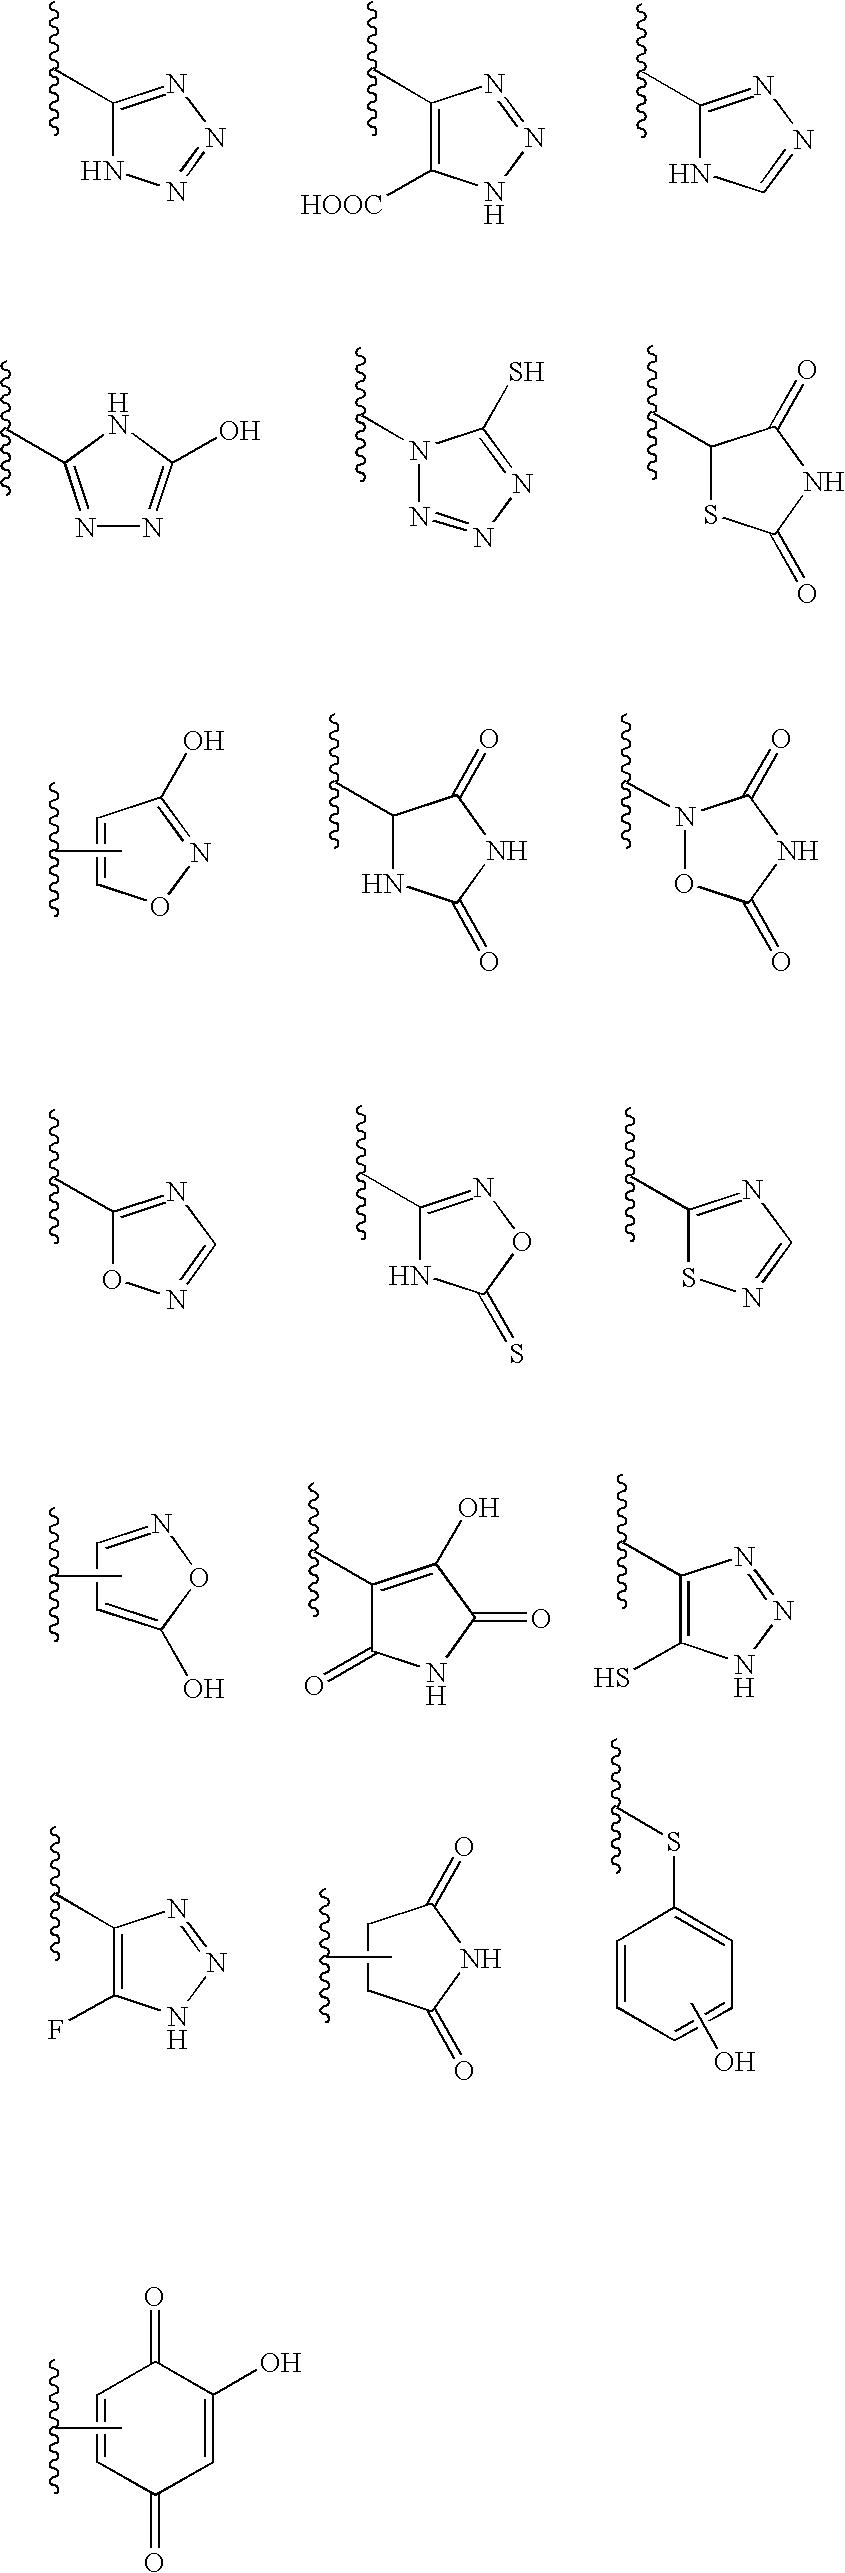 Figure US20030203890A1-20031030-C00208